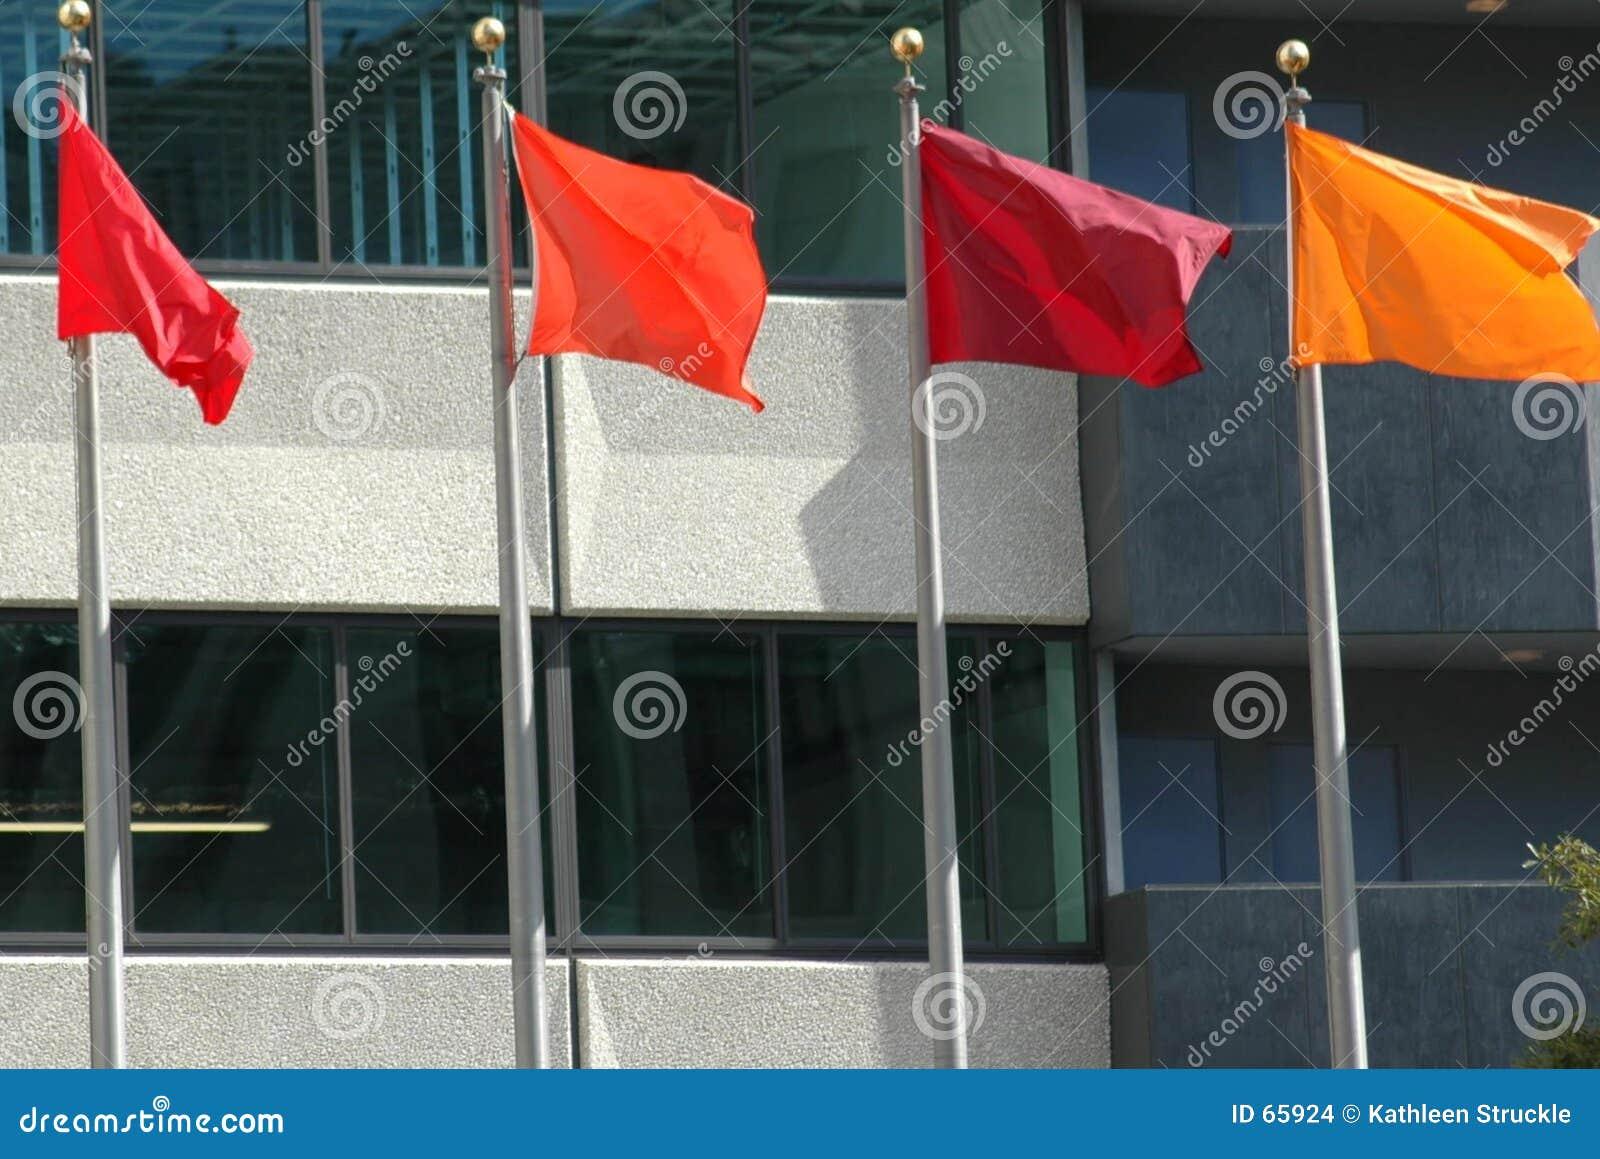 χρωματισμένες σημαίες